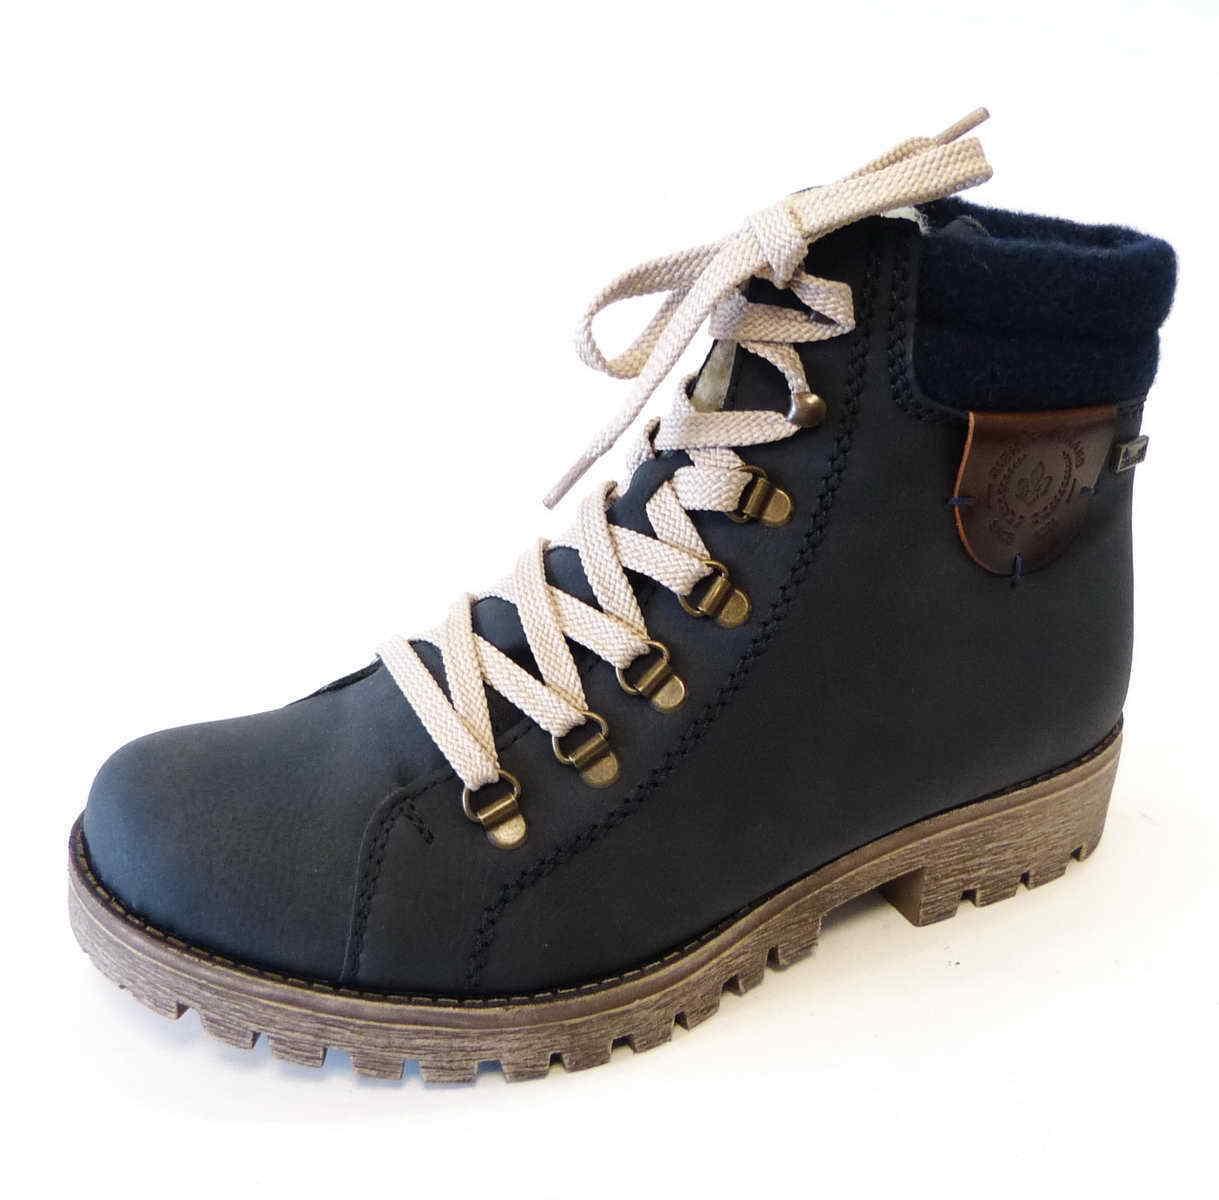 Rieker Stiefel 785F8 14 mare blau navy Reißverschluß Schnür warm Stiefel